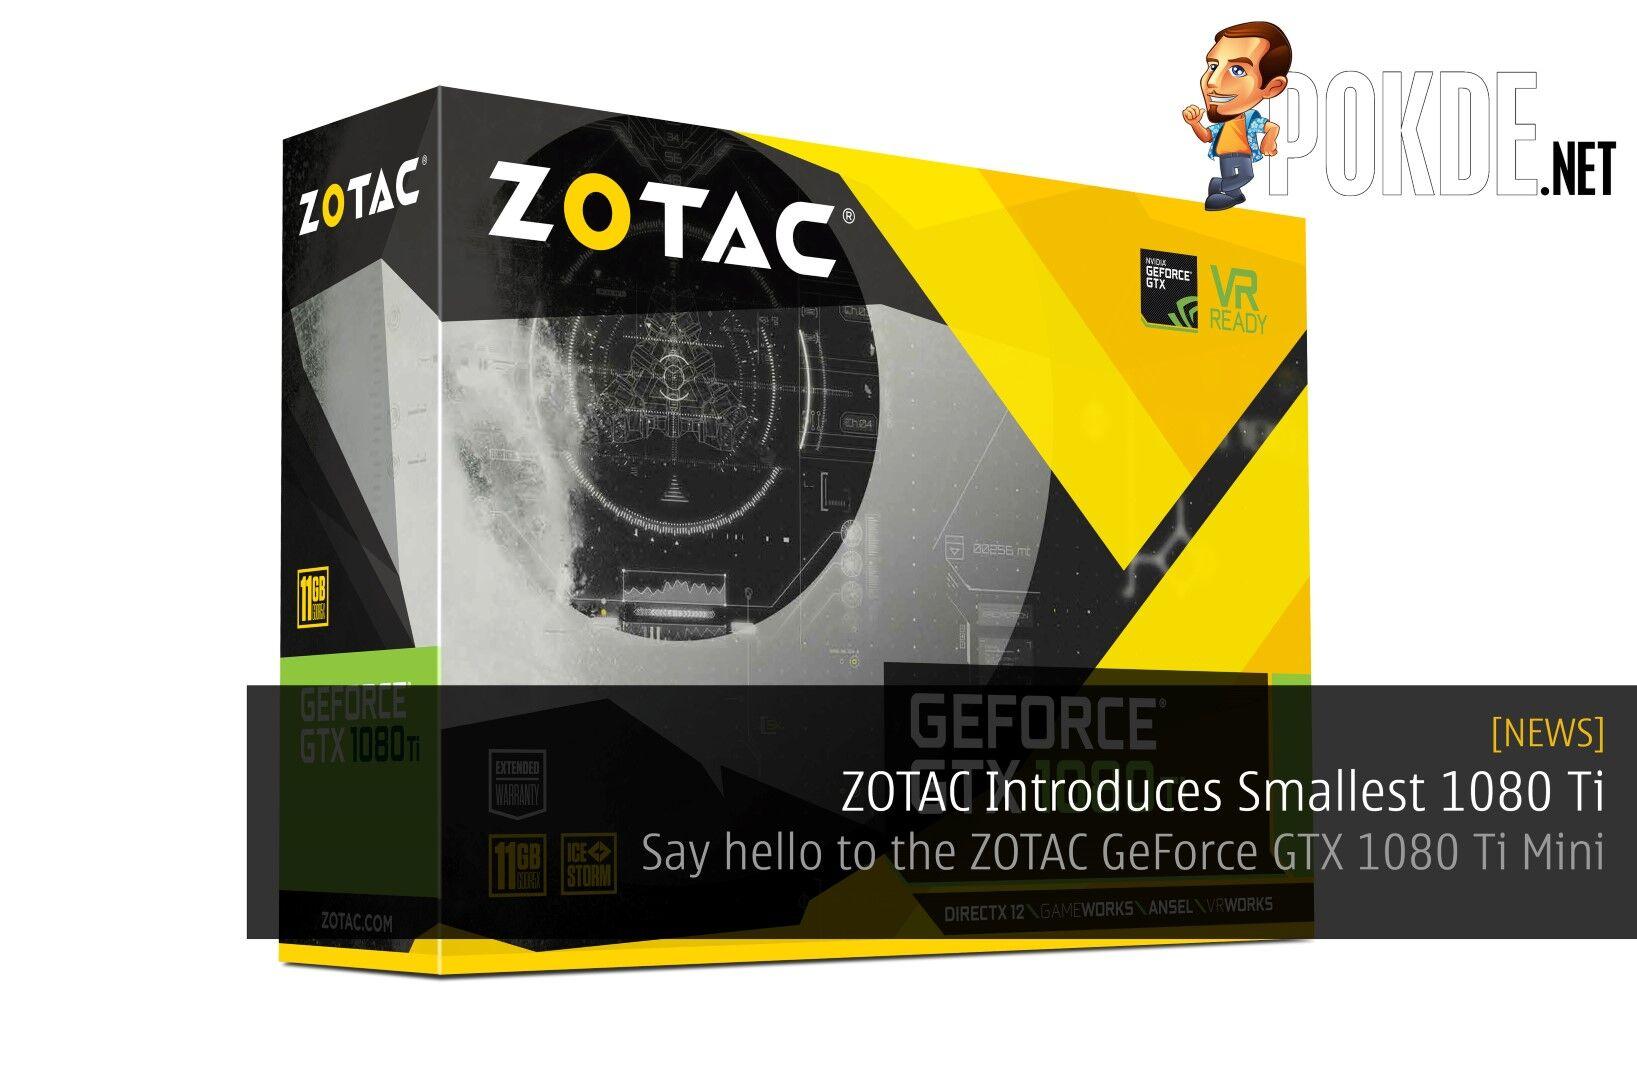 ZOTAC Introduces Smallest 1080 Ti - Say hello to the ZOTAC GeForce GTX 1080 Ti Mini 27